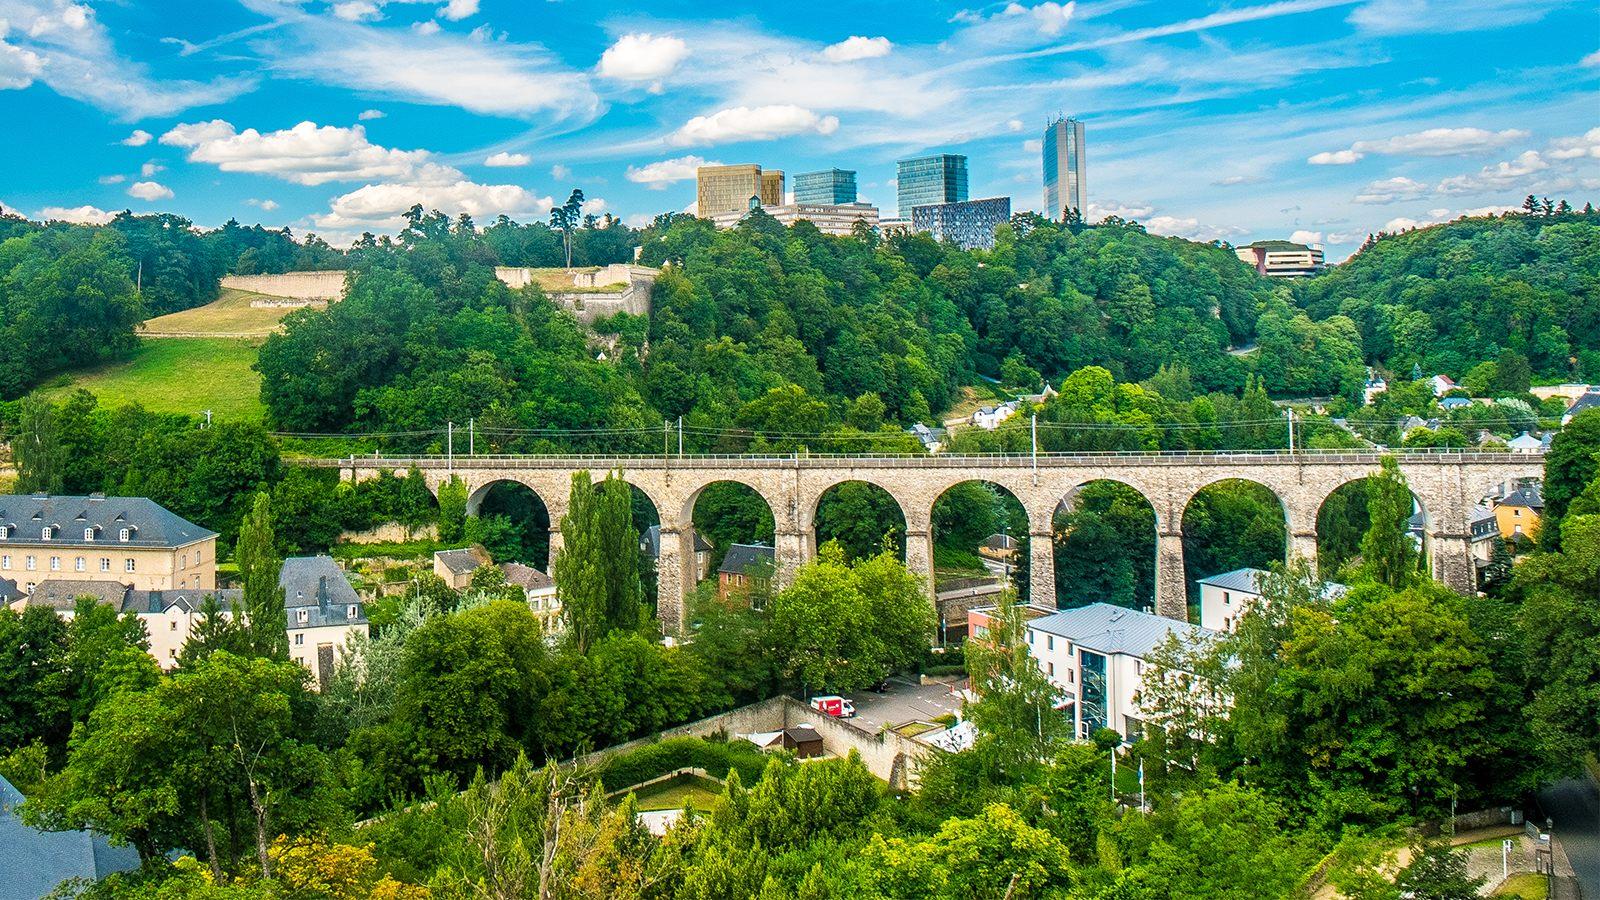 Du khách nên du lịch Luxembourg vào mùa Xuân hoặc mùa Thu